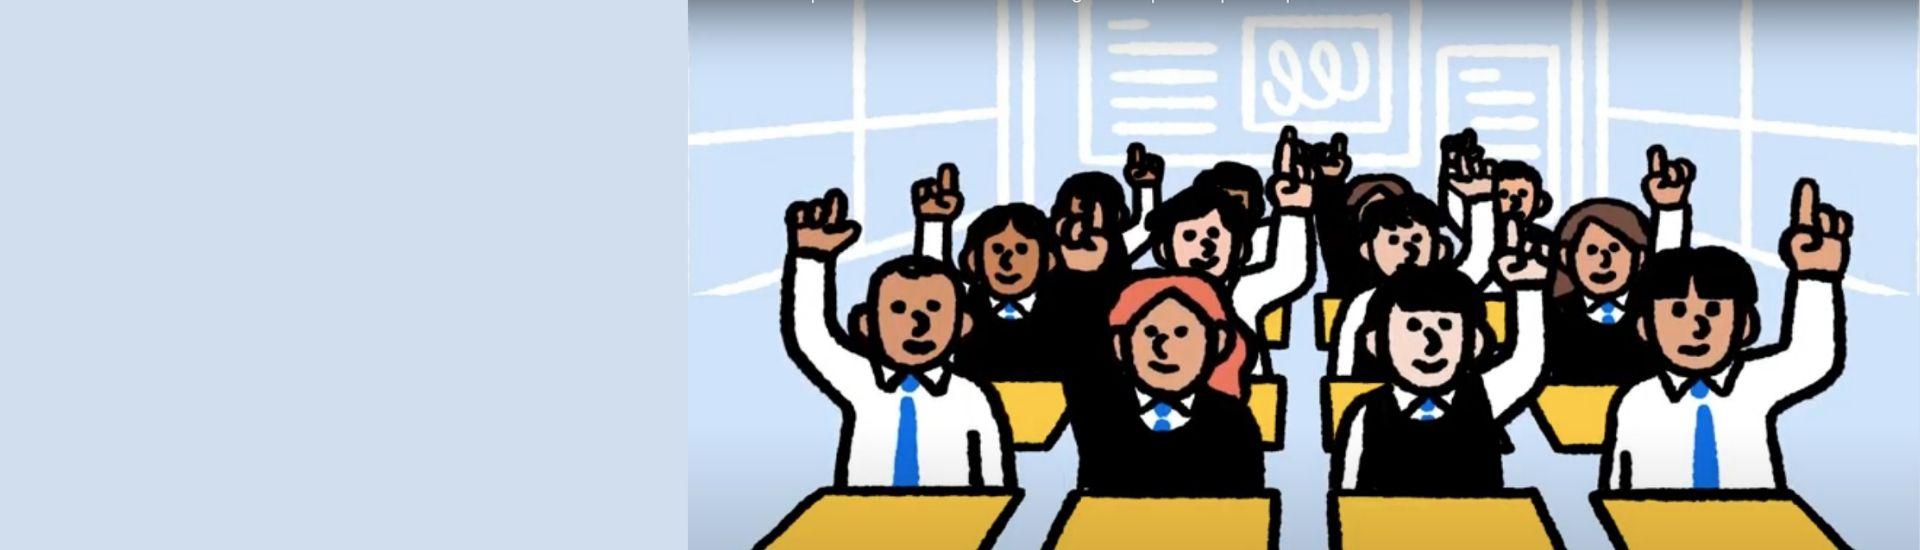 Ilustracion de varios estudiantes en una sala de clases